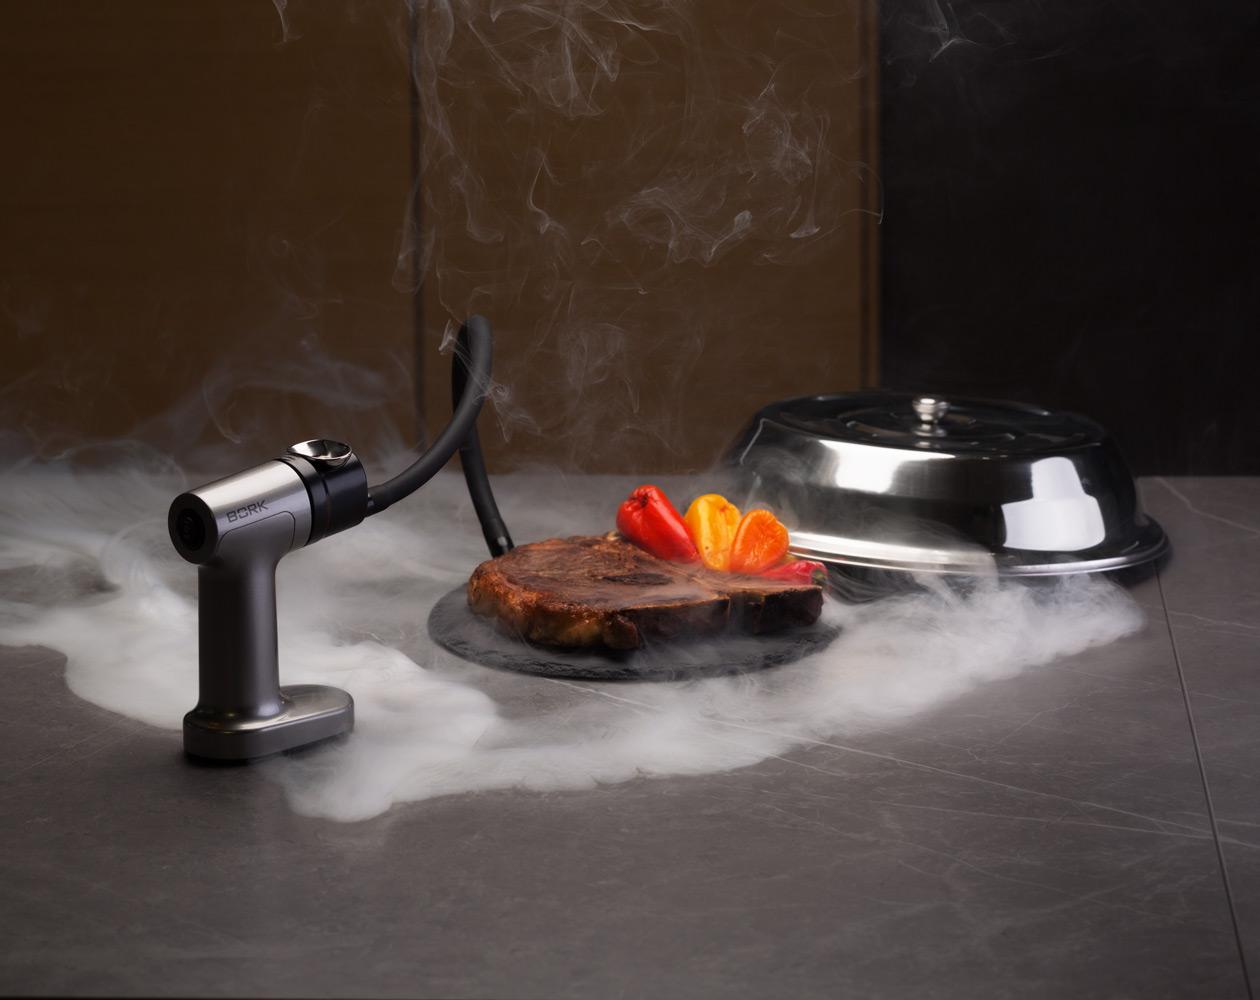 фото кухонные принадлежности BORK